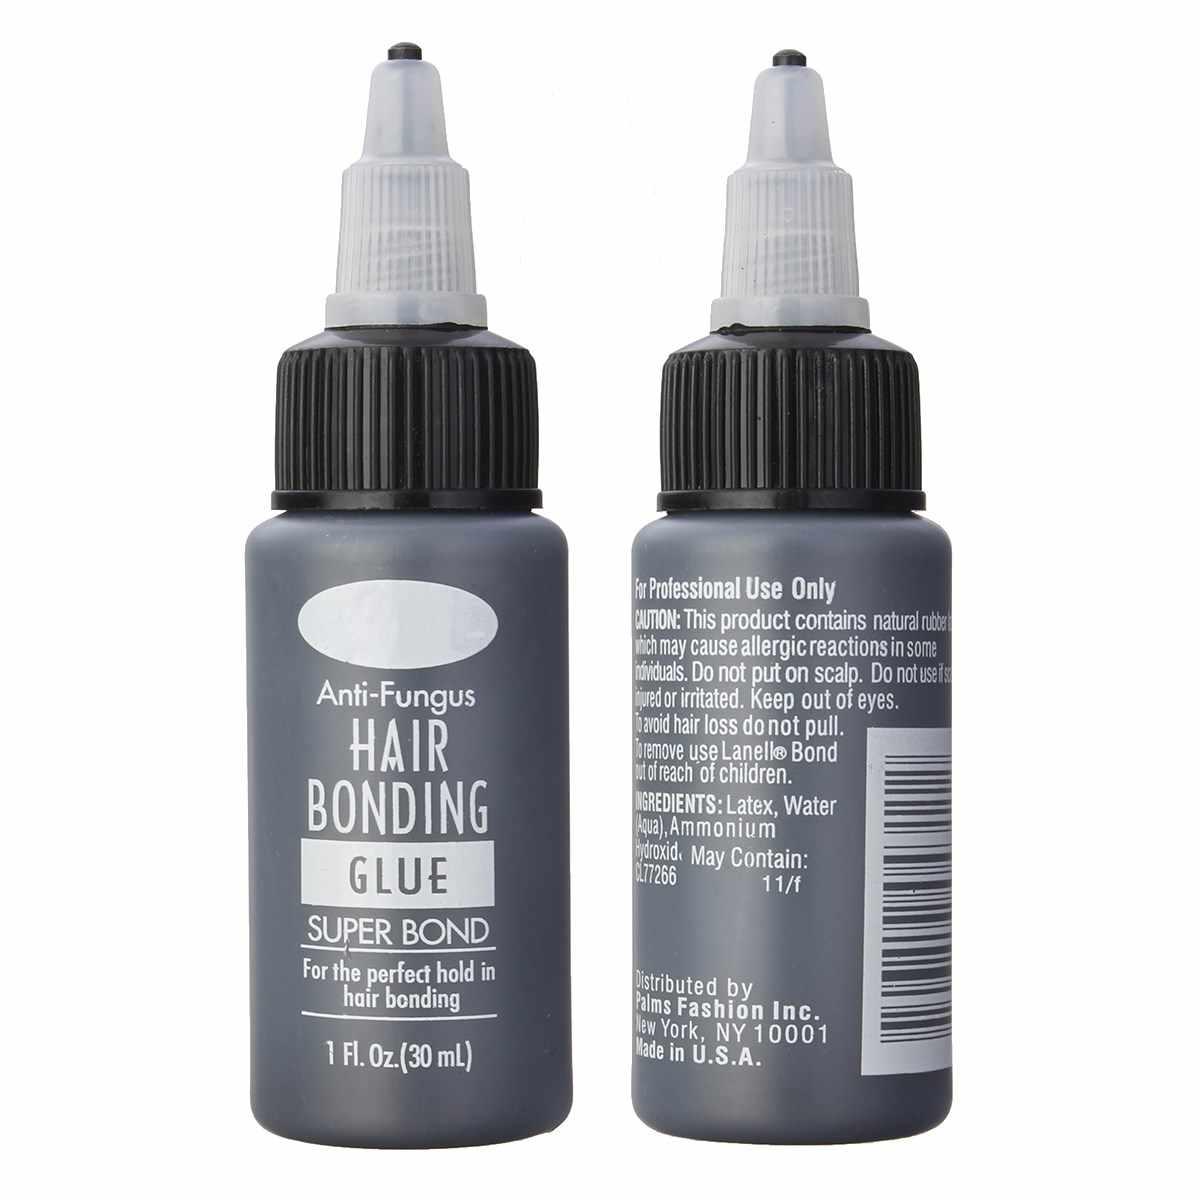 1 бутылка 1 Floz связывающий волосы клей супер склеивание жидкий клей для волос Парик Инструменты для наращивания волос профессиональное салонное использование